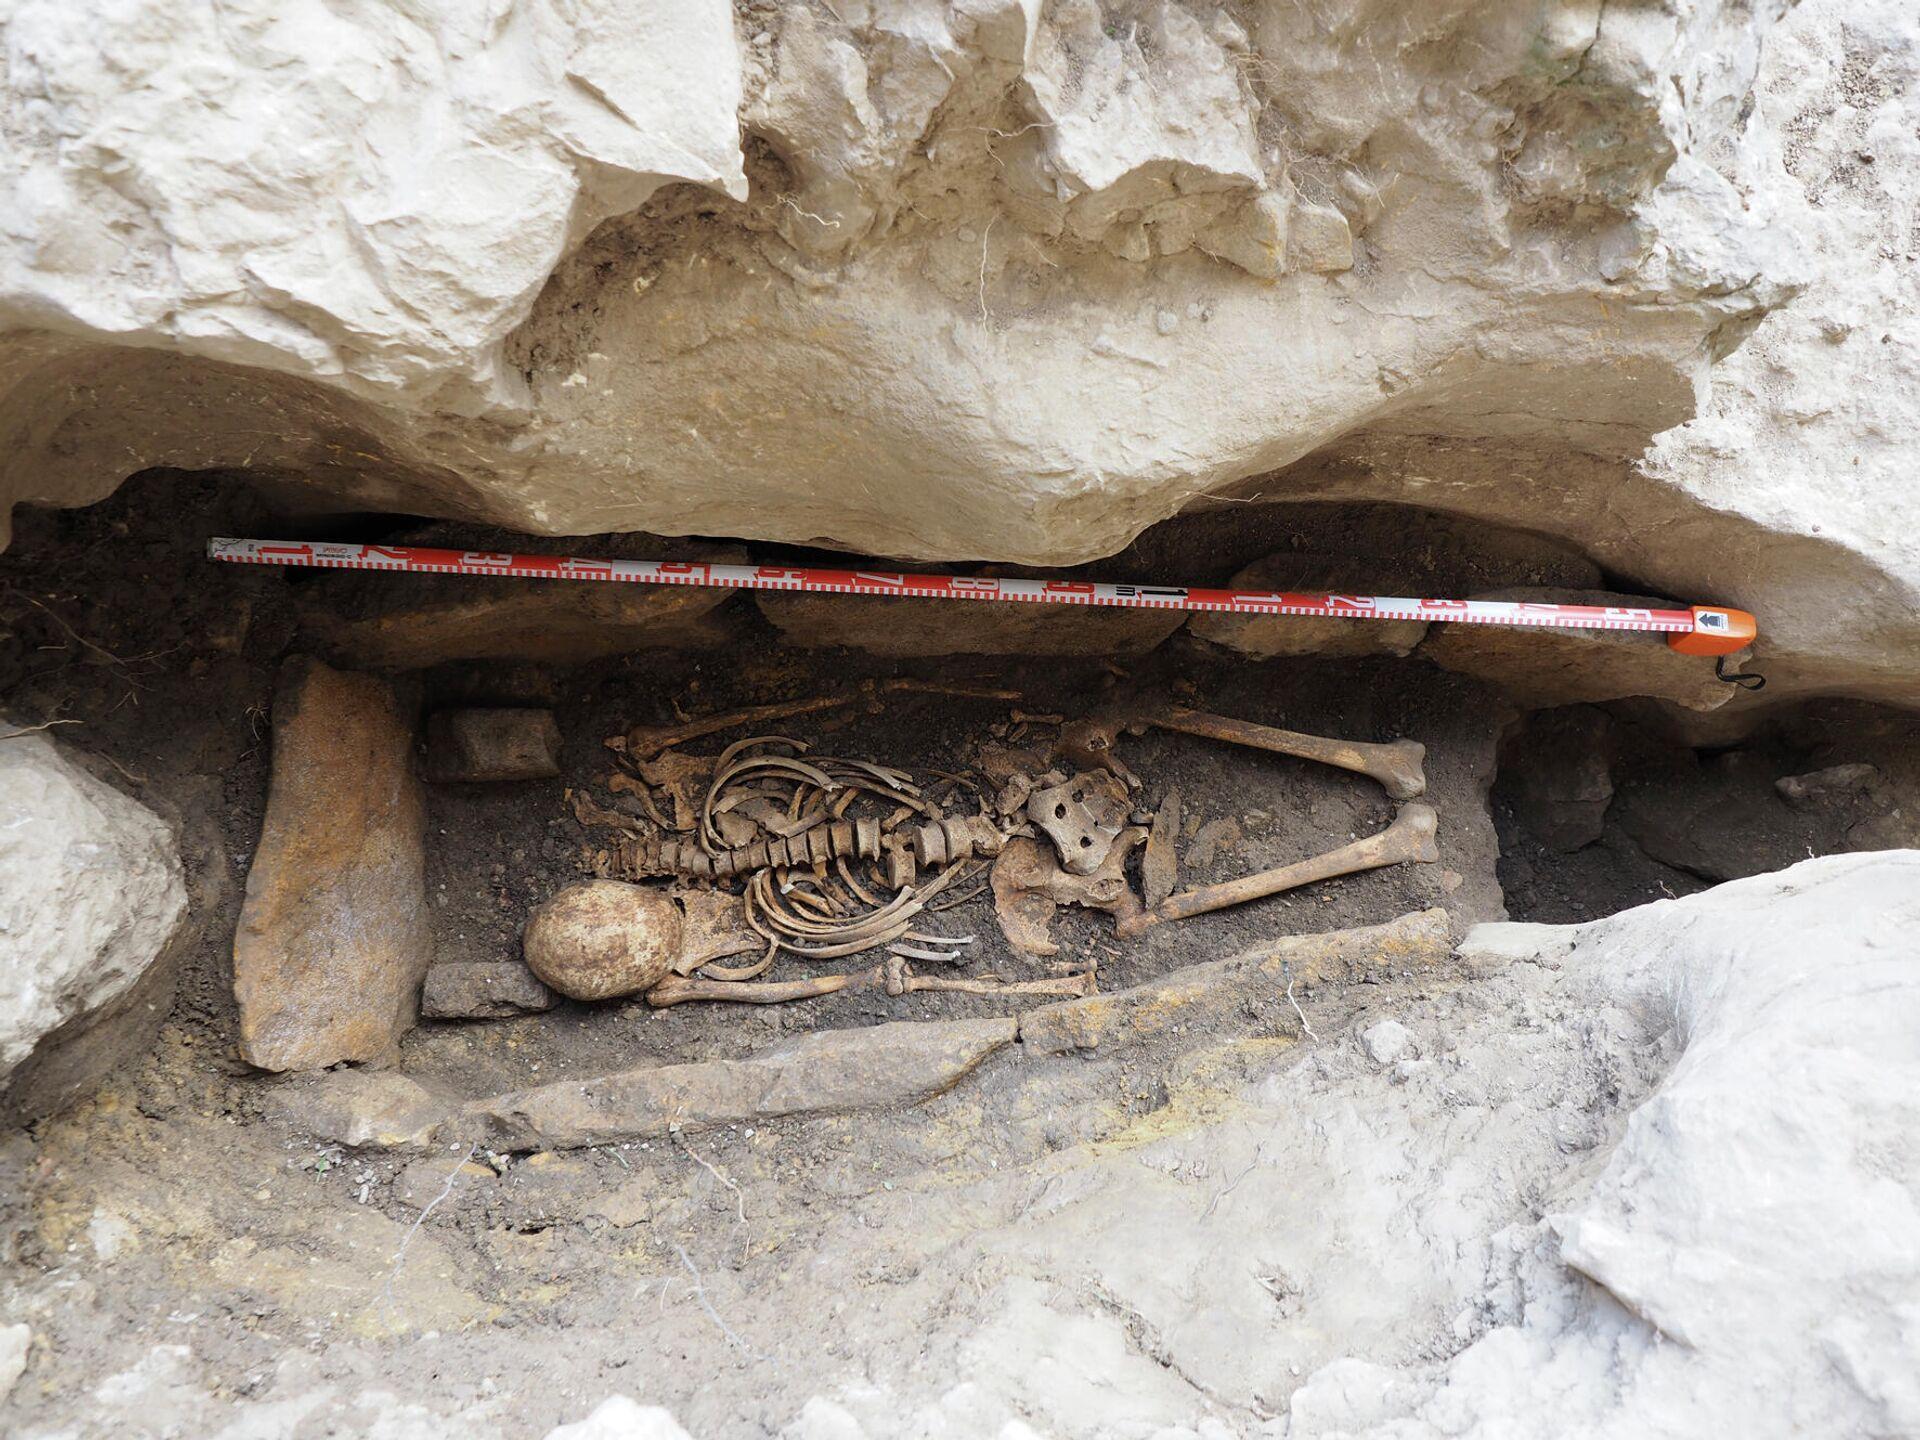 El esqueleto hallado cerca de la ermita de San Tirso y San Bernabé (Burgos) - Sputnik Mundo, 1920, 24.09.2021